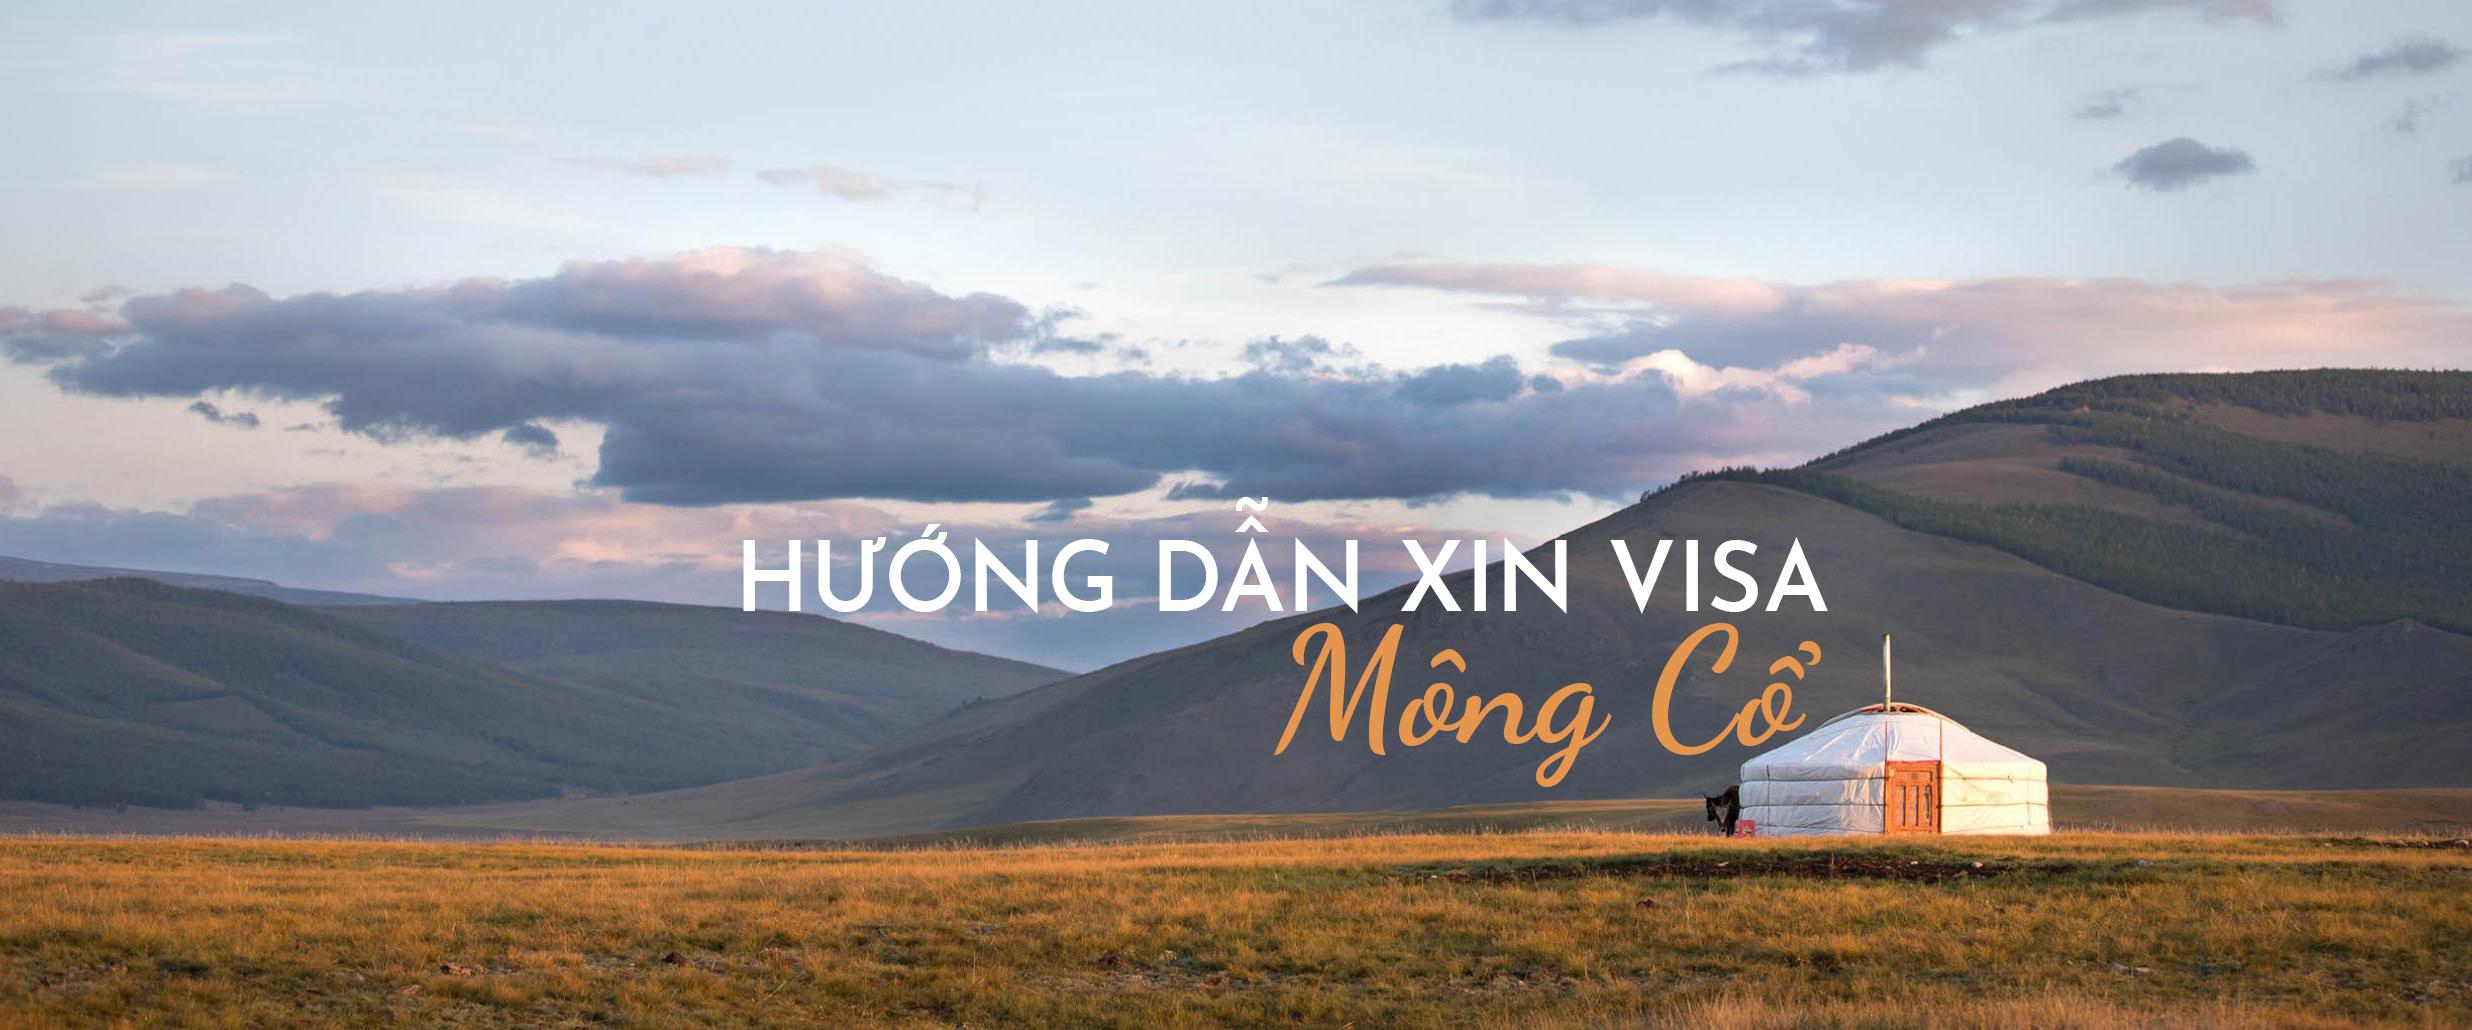 Xin visa du lịch Mông Cổ dễ hơn bạn tưởng